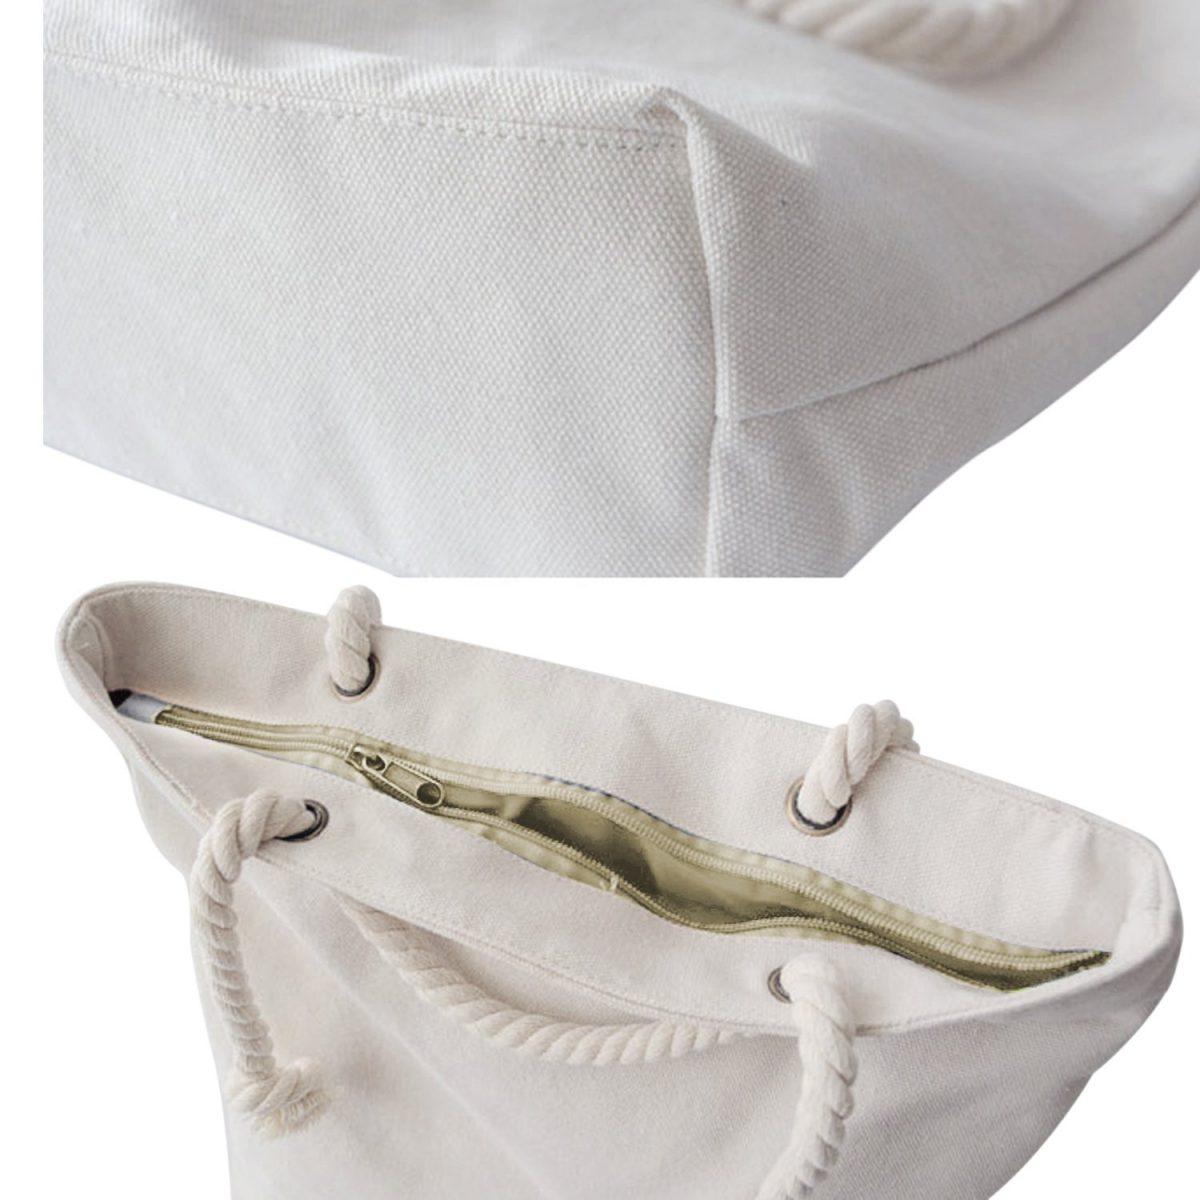 Denizci Temalı Özel Tasarımlı Modern Kumaş Çanta Realhomes